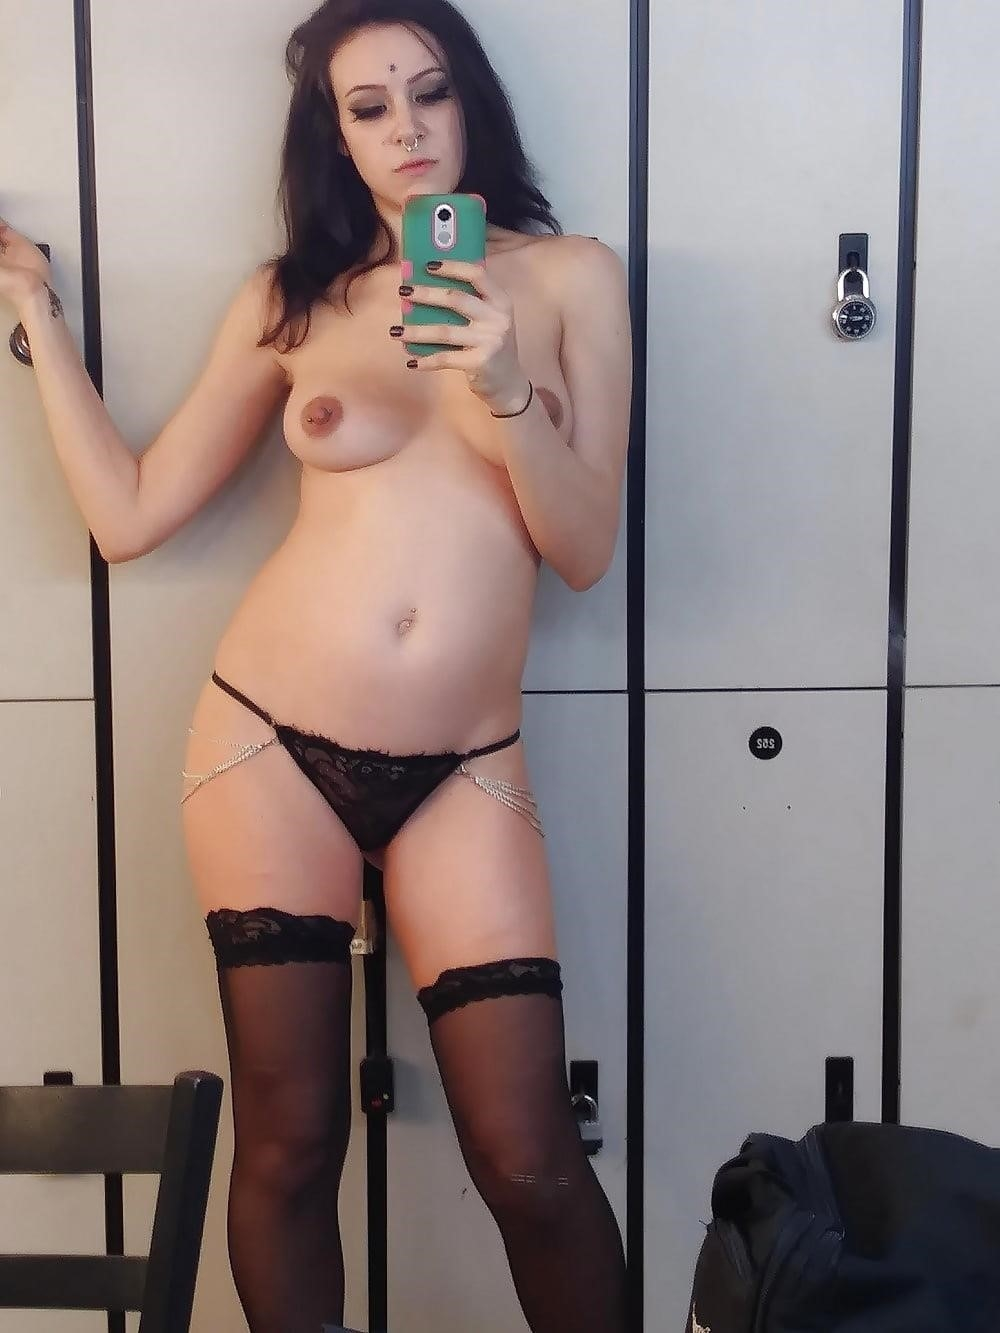 Nude tinder selfies-1755